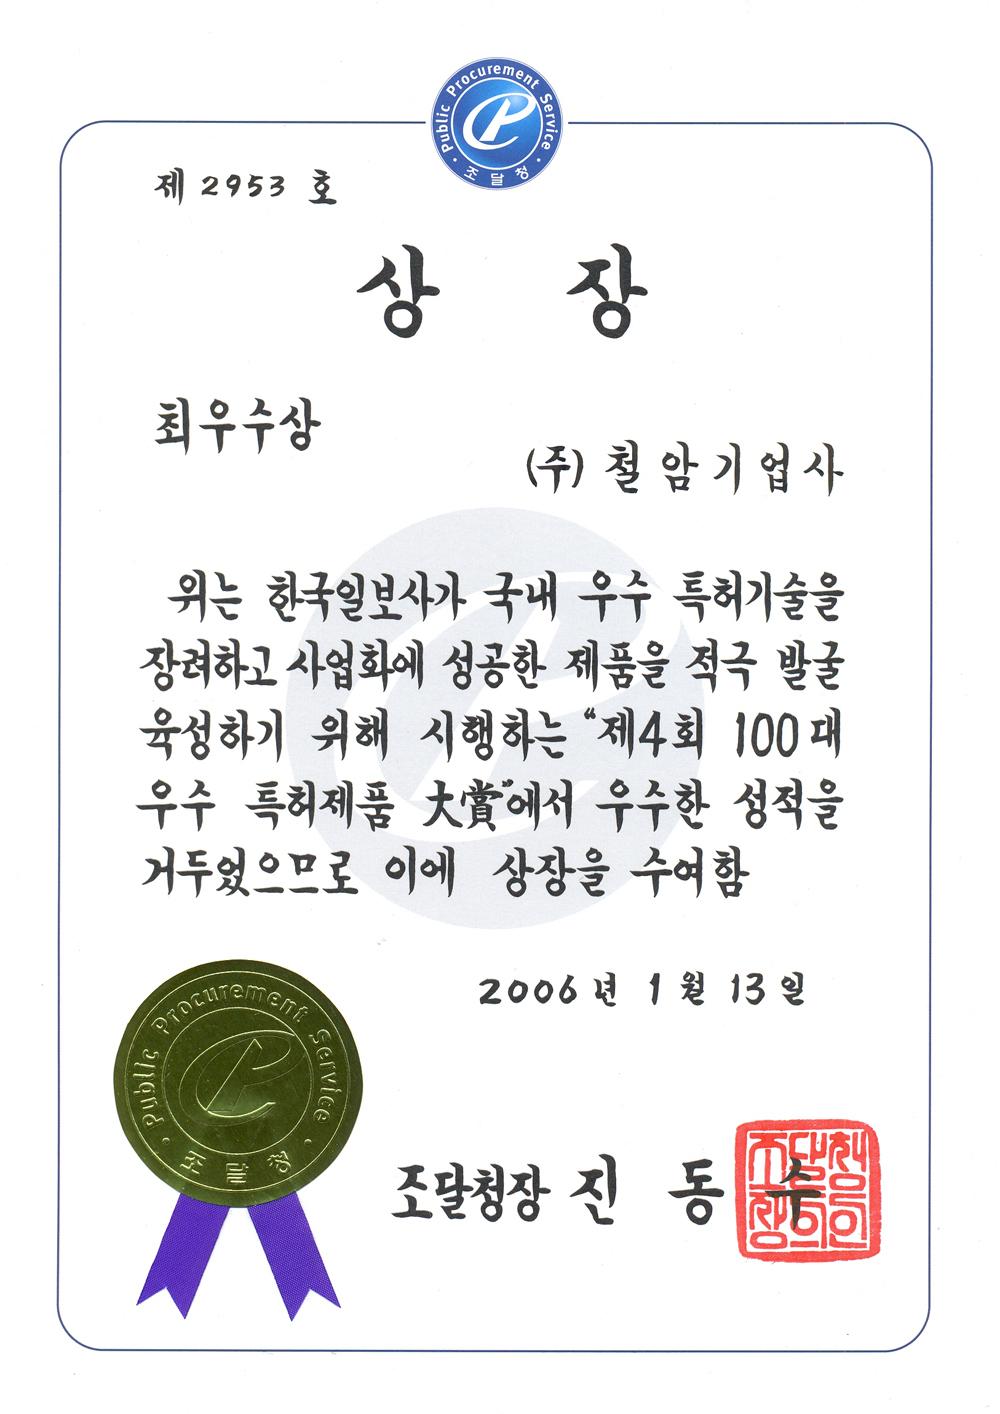 b--2005-100대-우수특허제품-최우수-조달청장_001